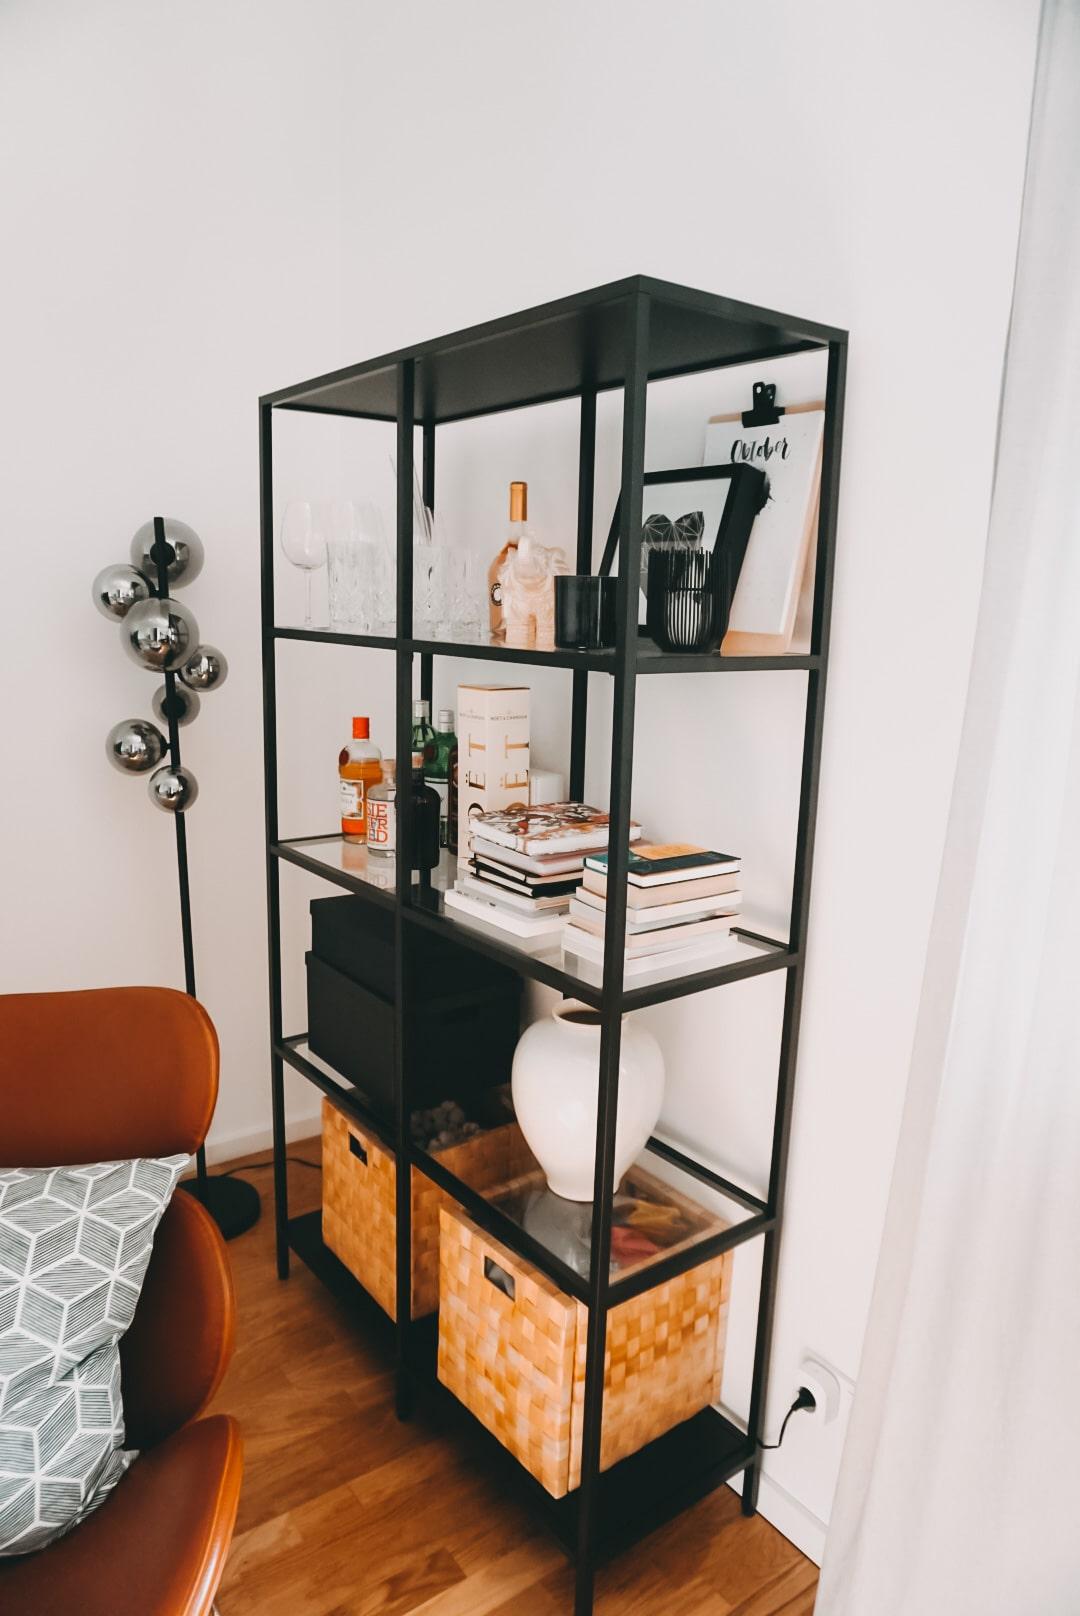 Homestory - Bei Lesern Zuhause - Homestory:  Leben in einem ehemaligen Krankenhaus mit Caro- so geht's einfach Desmondo dein online Magazin und Shop